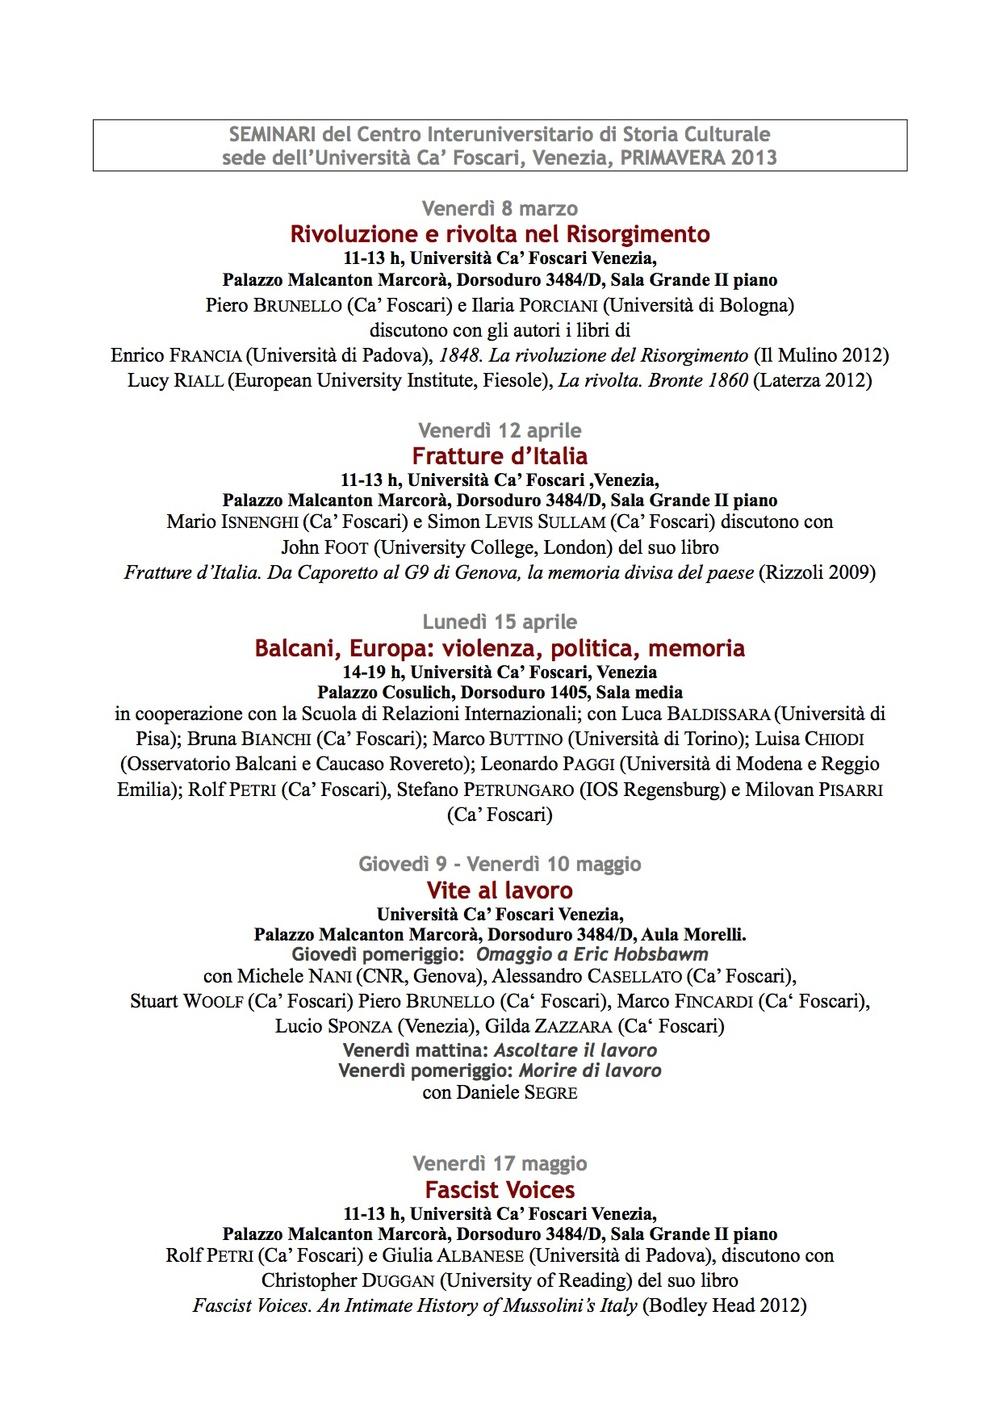 2013 (VE) Seminari Venezia.jpg